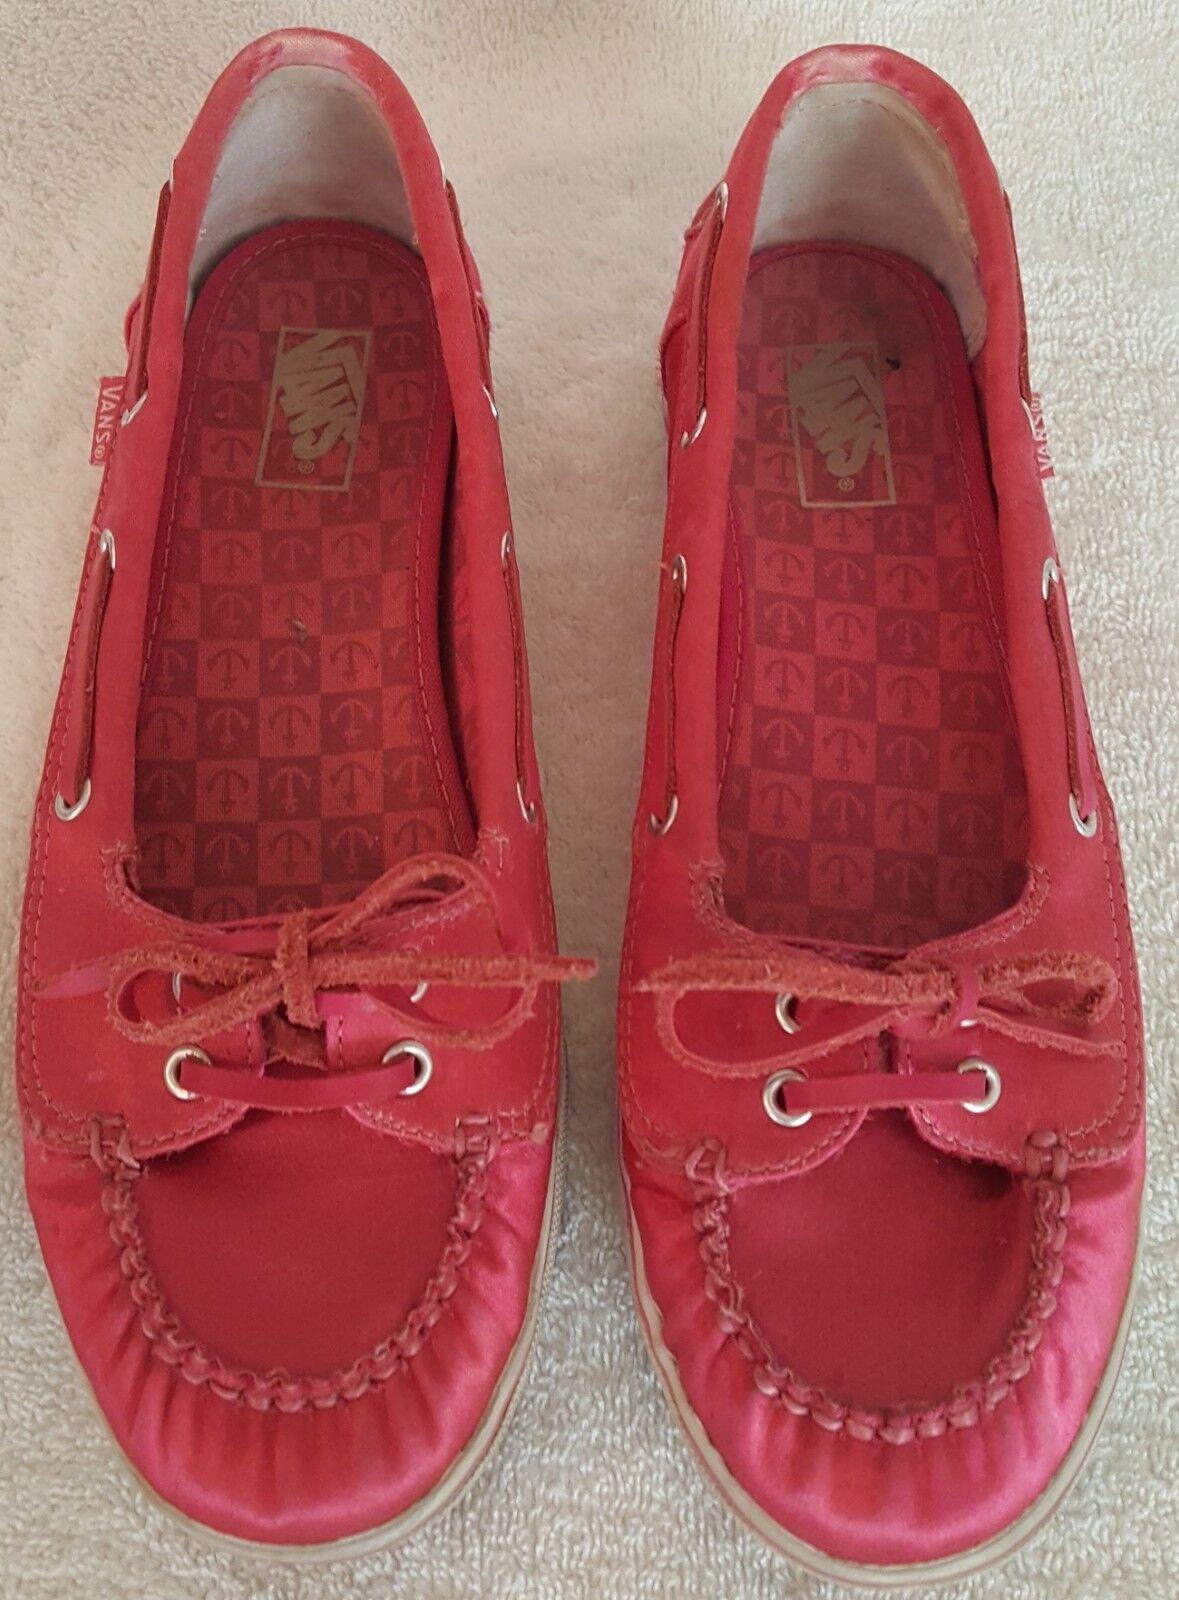 Vans Satin Boat Shoe, Hot Pink Satin Vans Slip-on, Size 5 1/2 b7d78a